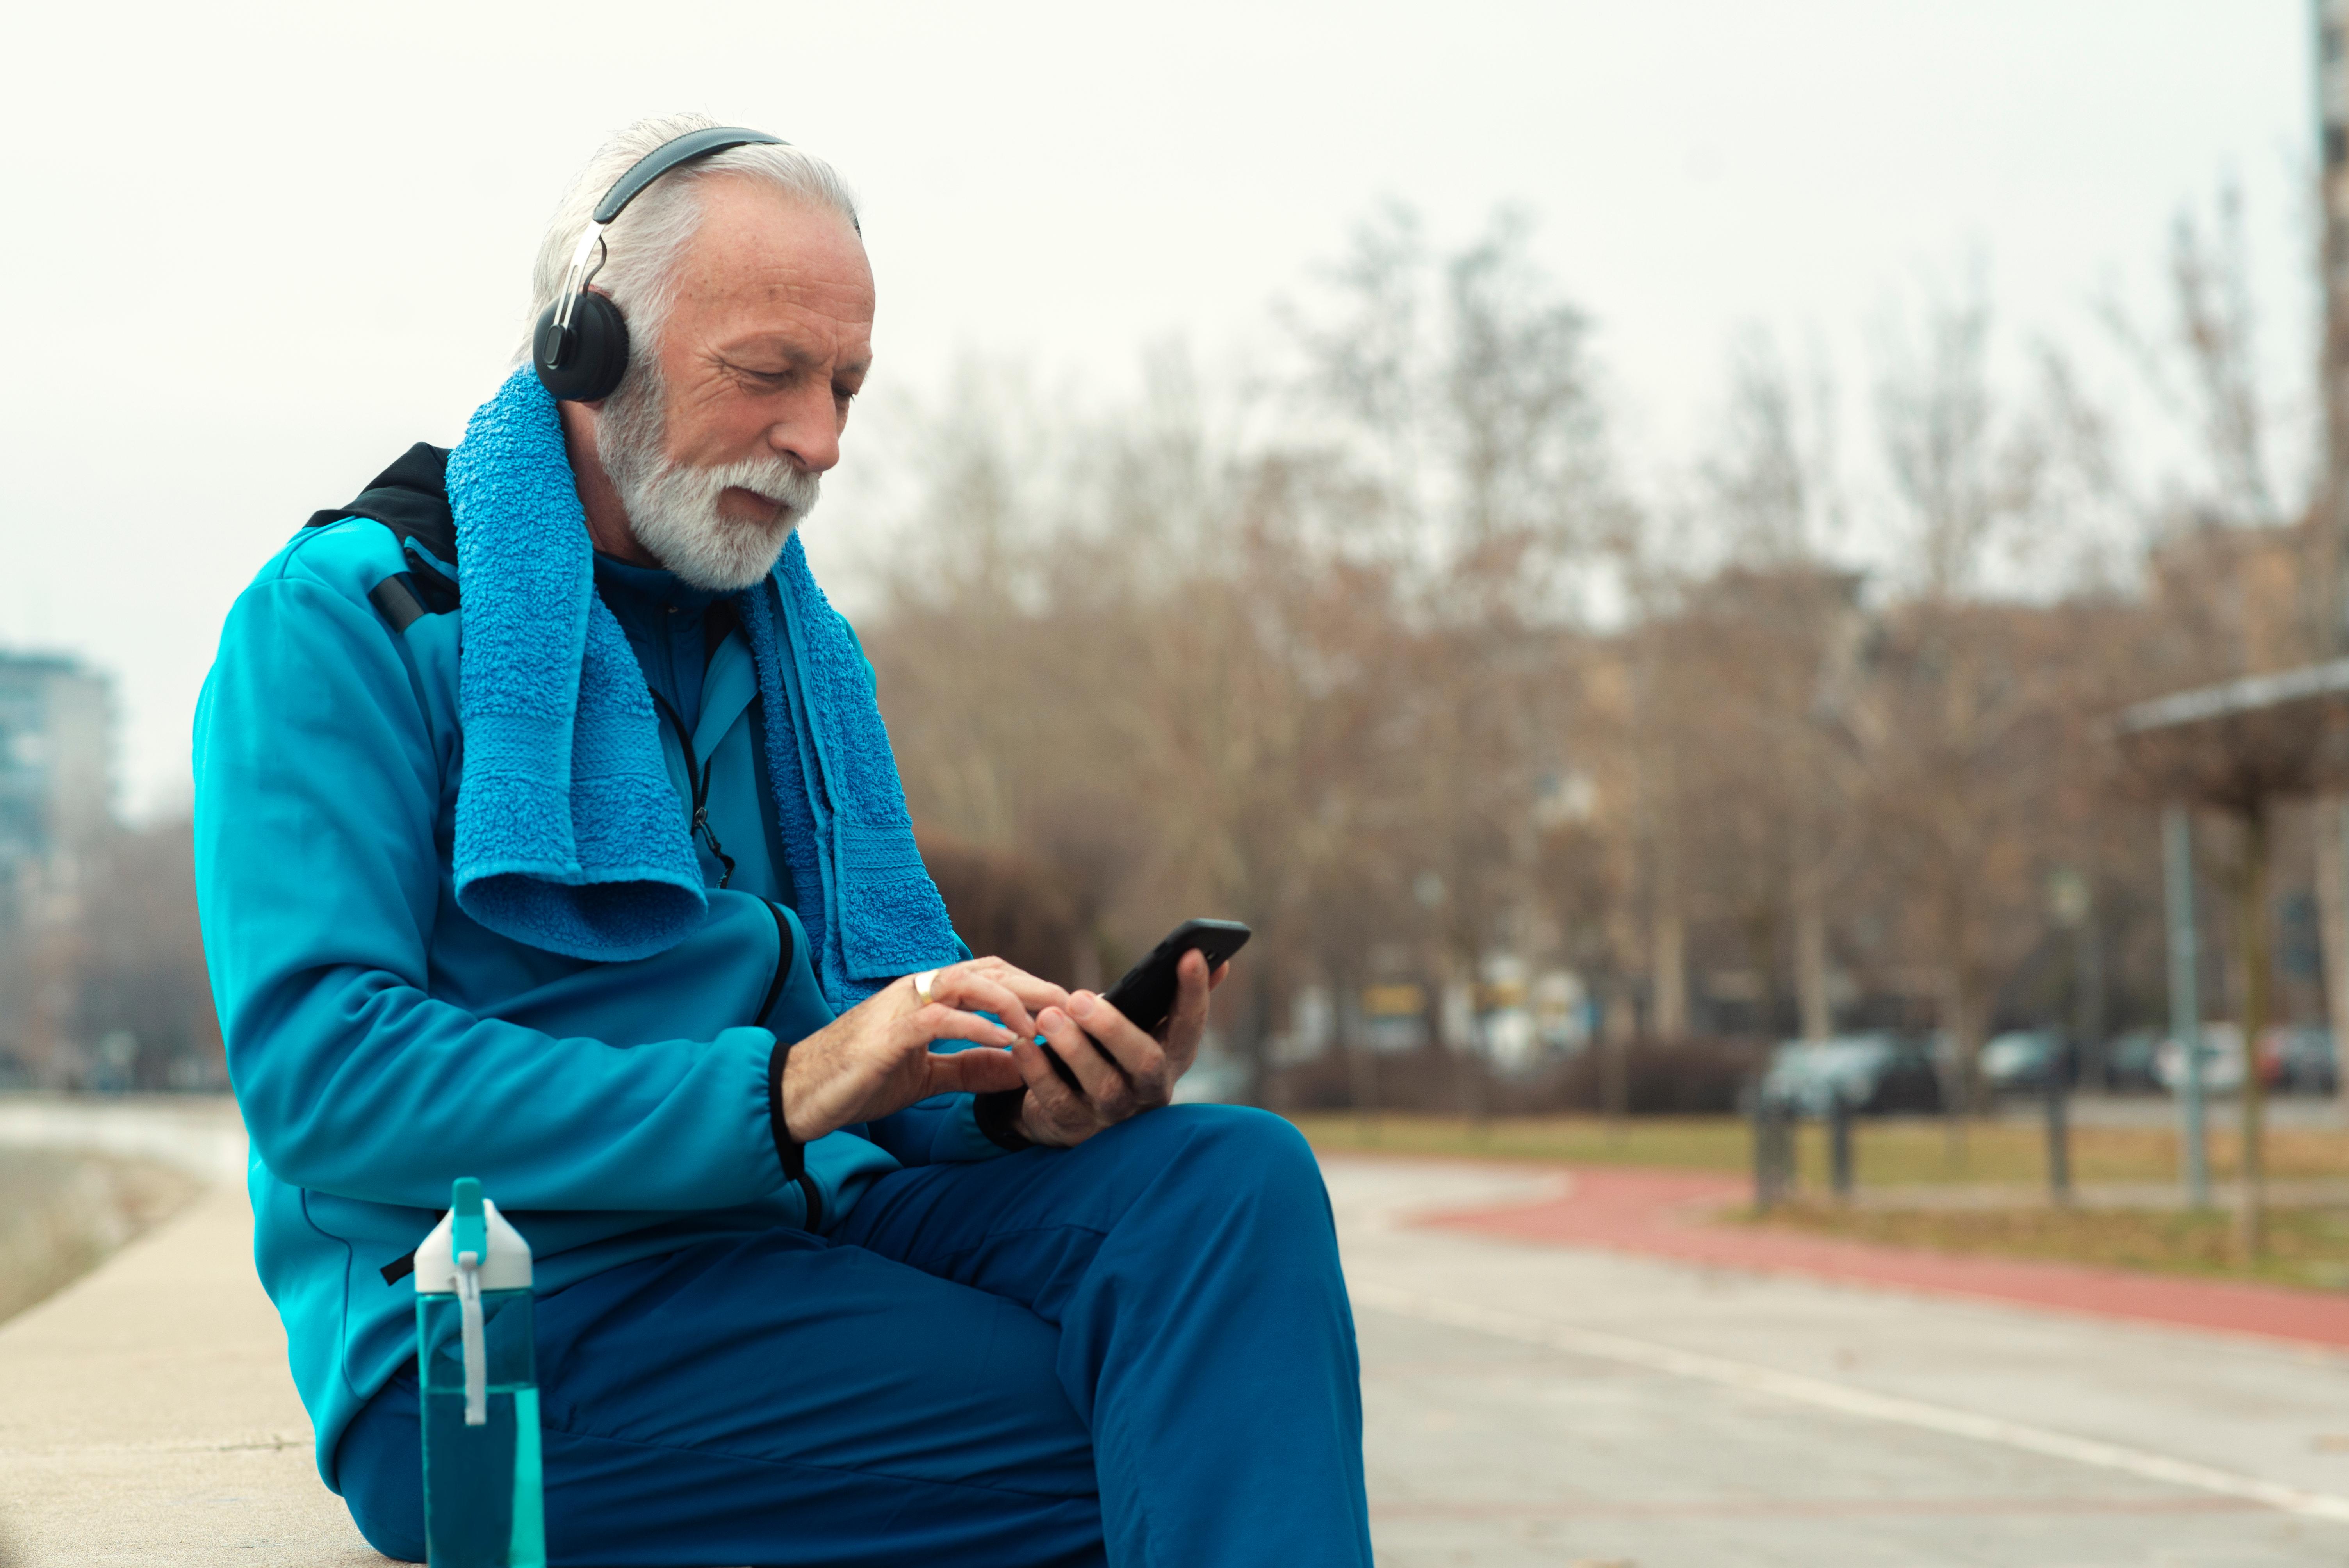 Studien visar enligt forskarna att det går utmärkt att behandla kronisk sjukdom som artros med hjälp av digital teknik.